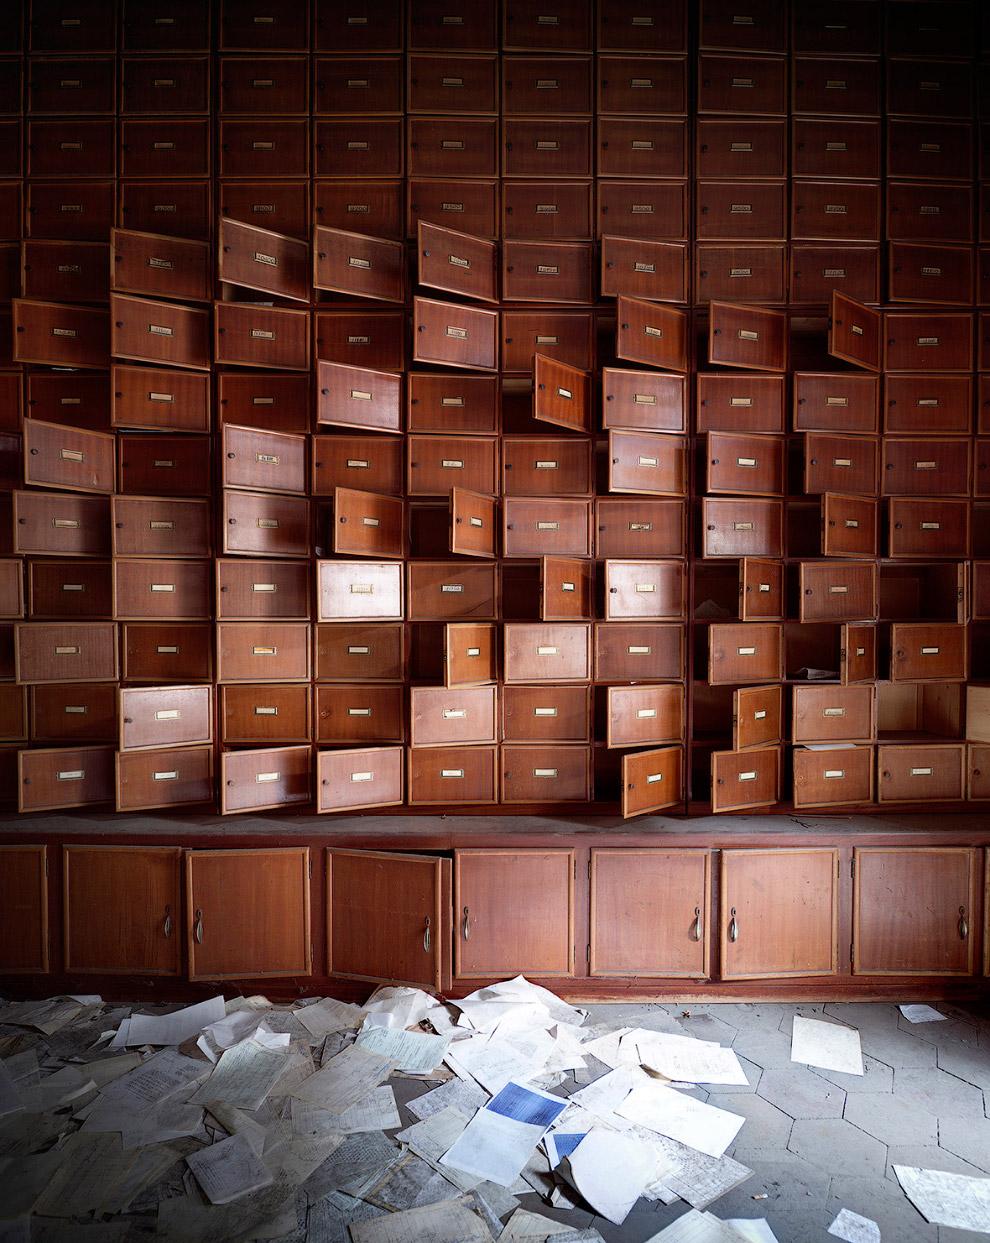 Заброшенное помещение с ящиками в Италии хранит какие-то таинственные документы